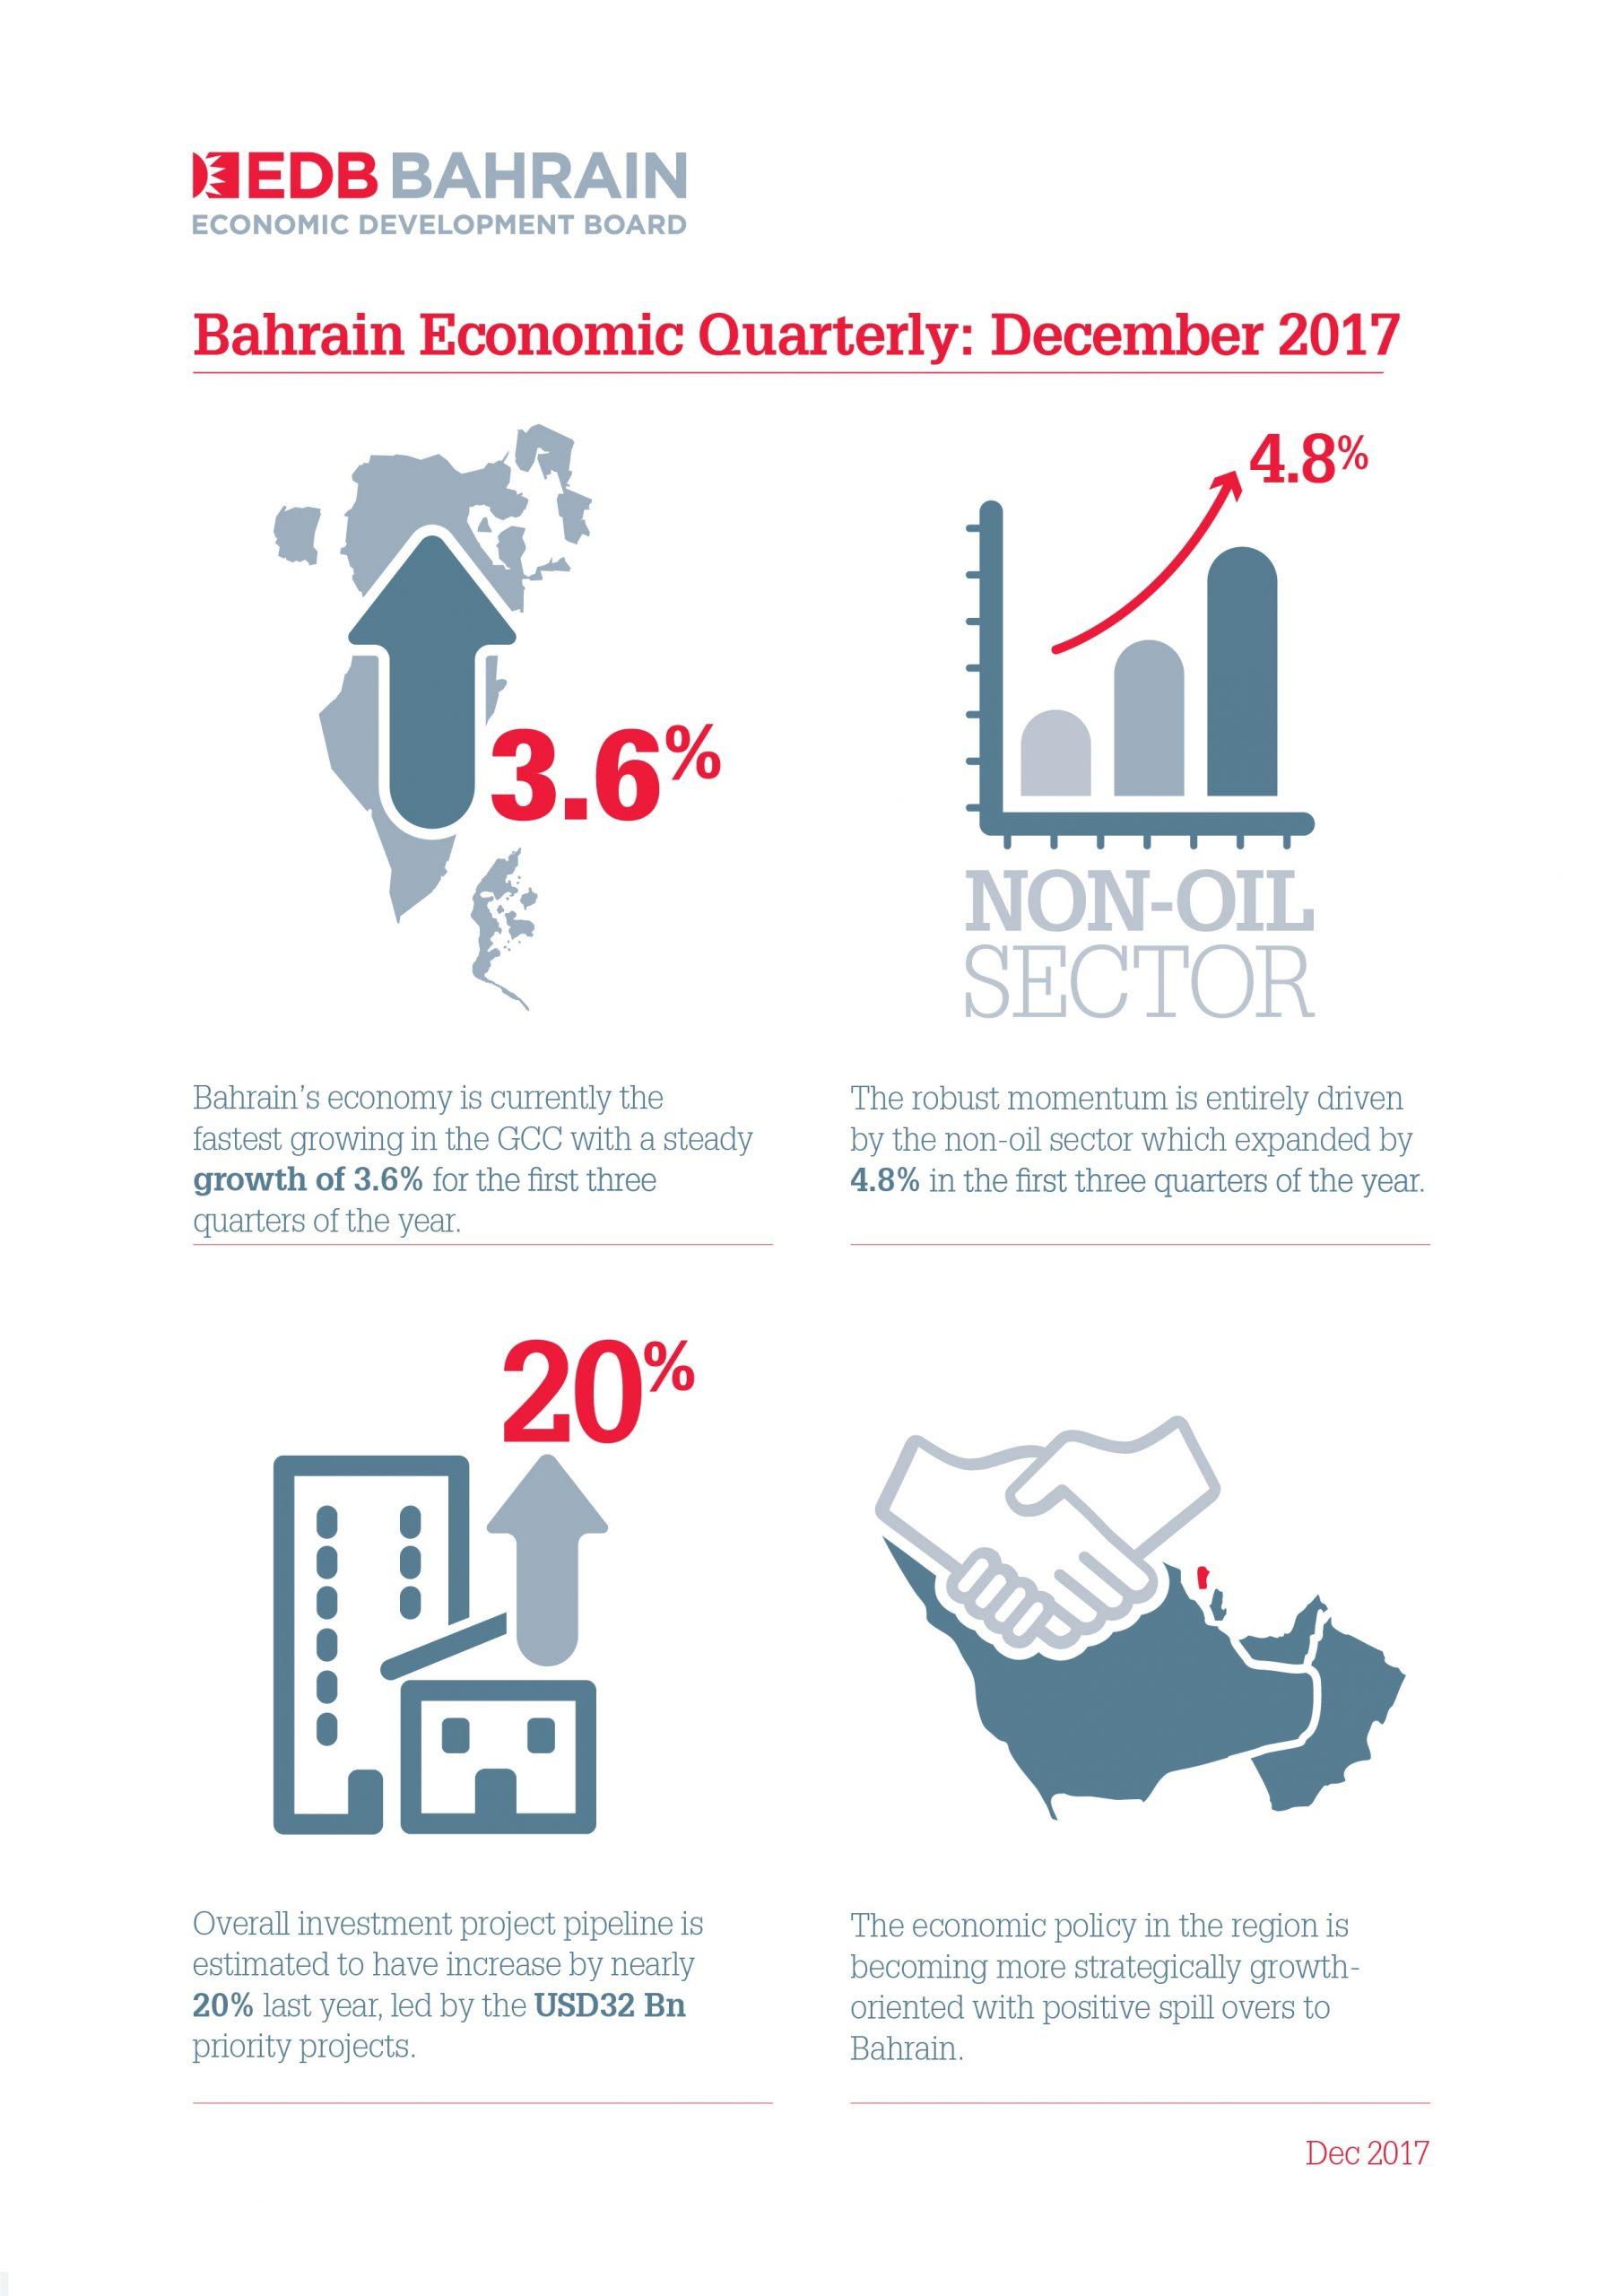 وفقاً للتقرير الاقتصادي الفصلي الصادر عن مجلس التنمية الاقتصاديةالقطاع غير النفطي في البحرين يفوق التوقعات ويحقق نمواً بنسبة 4.8% في الأشهر التسعة الأولى من 2017